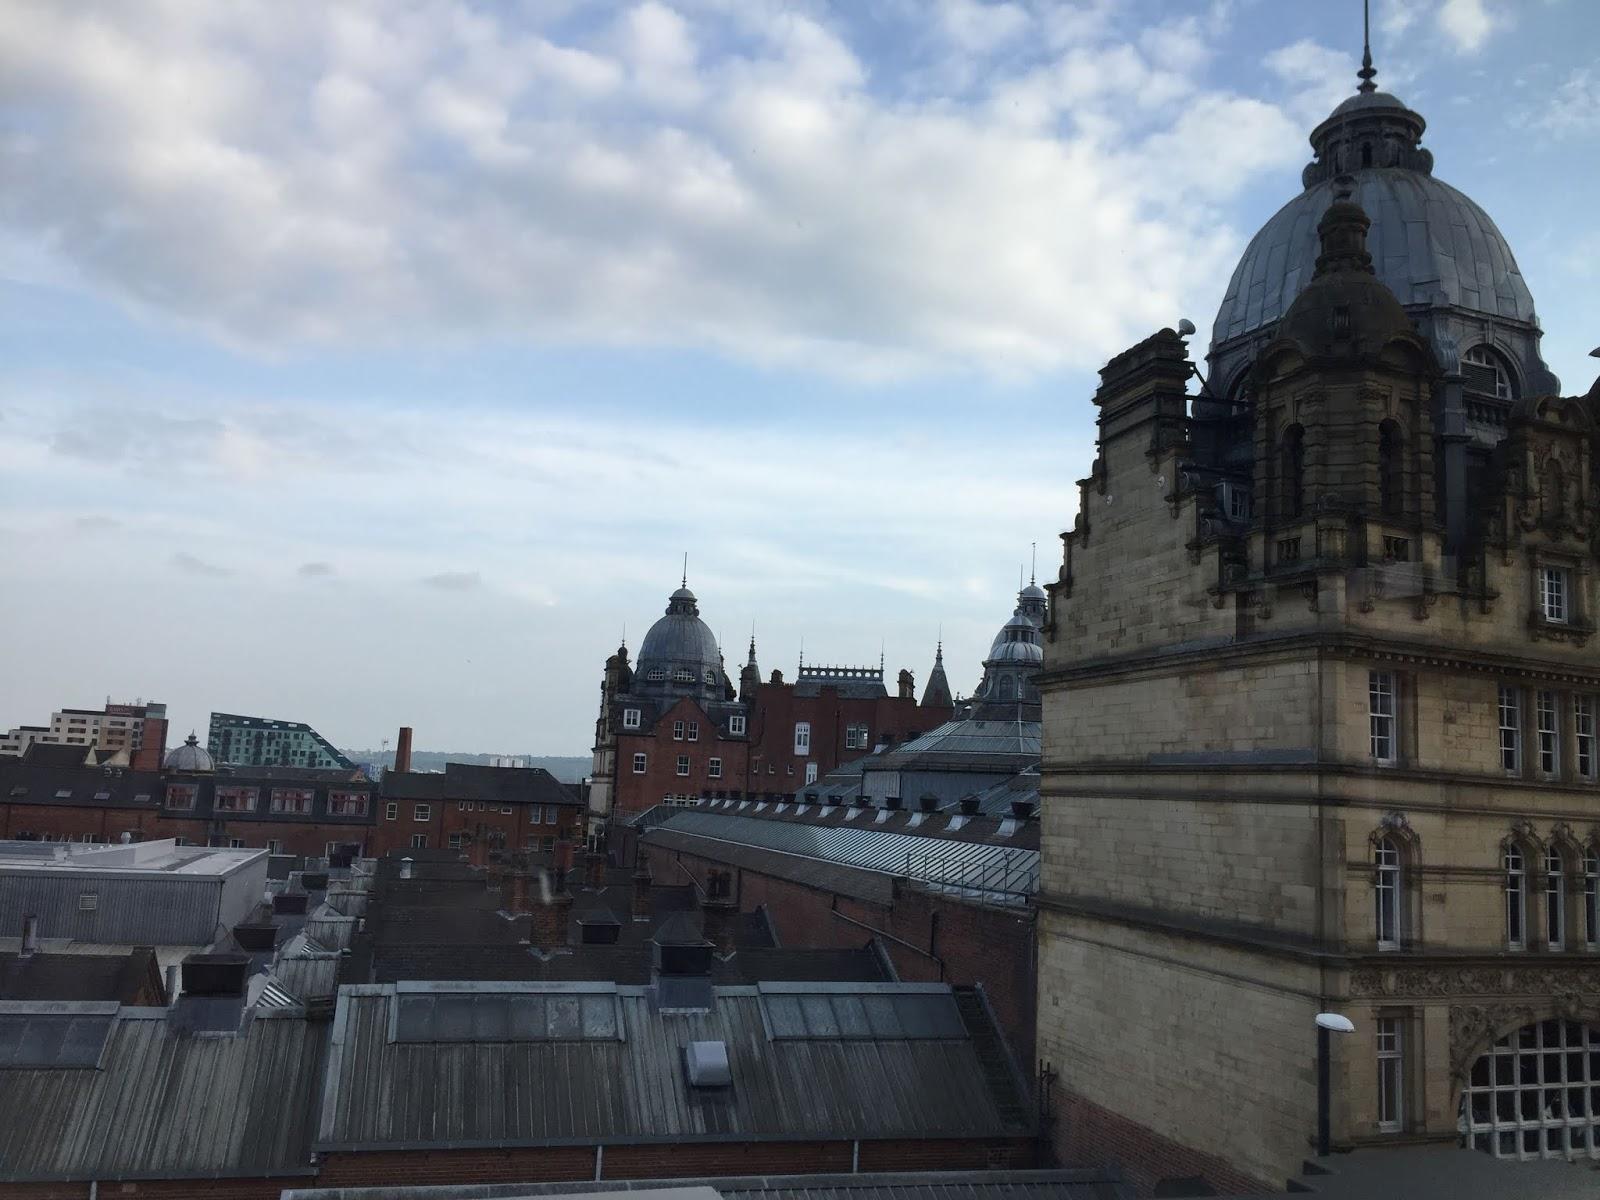 Leeds market view